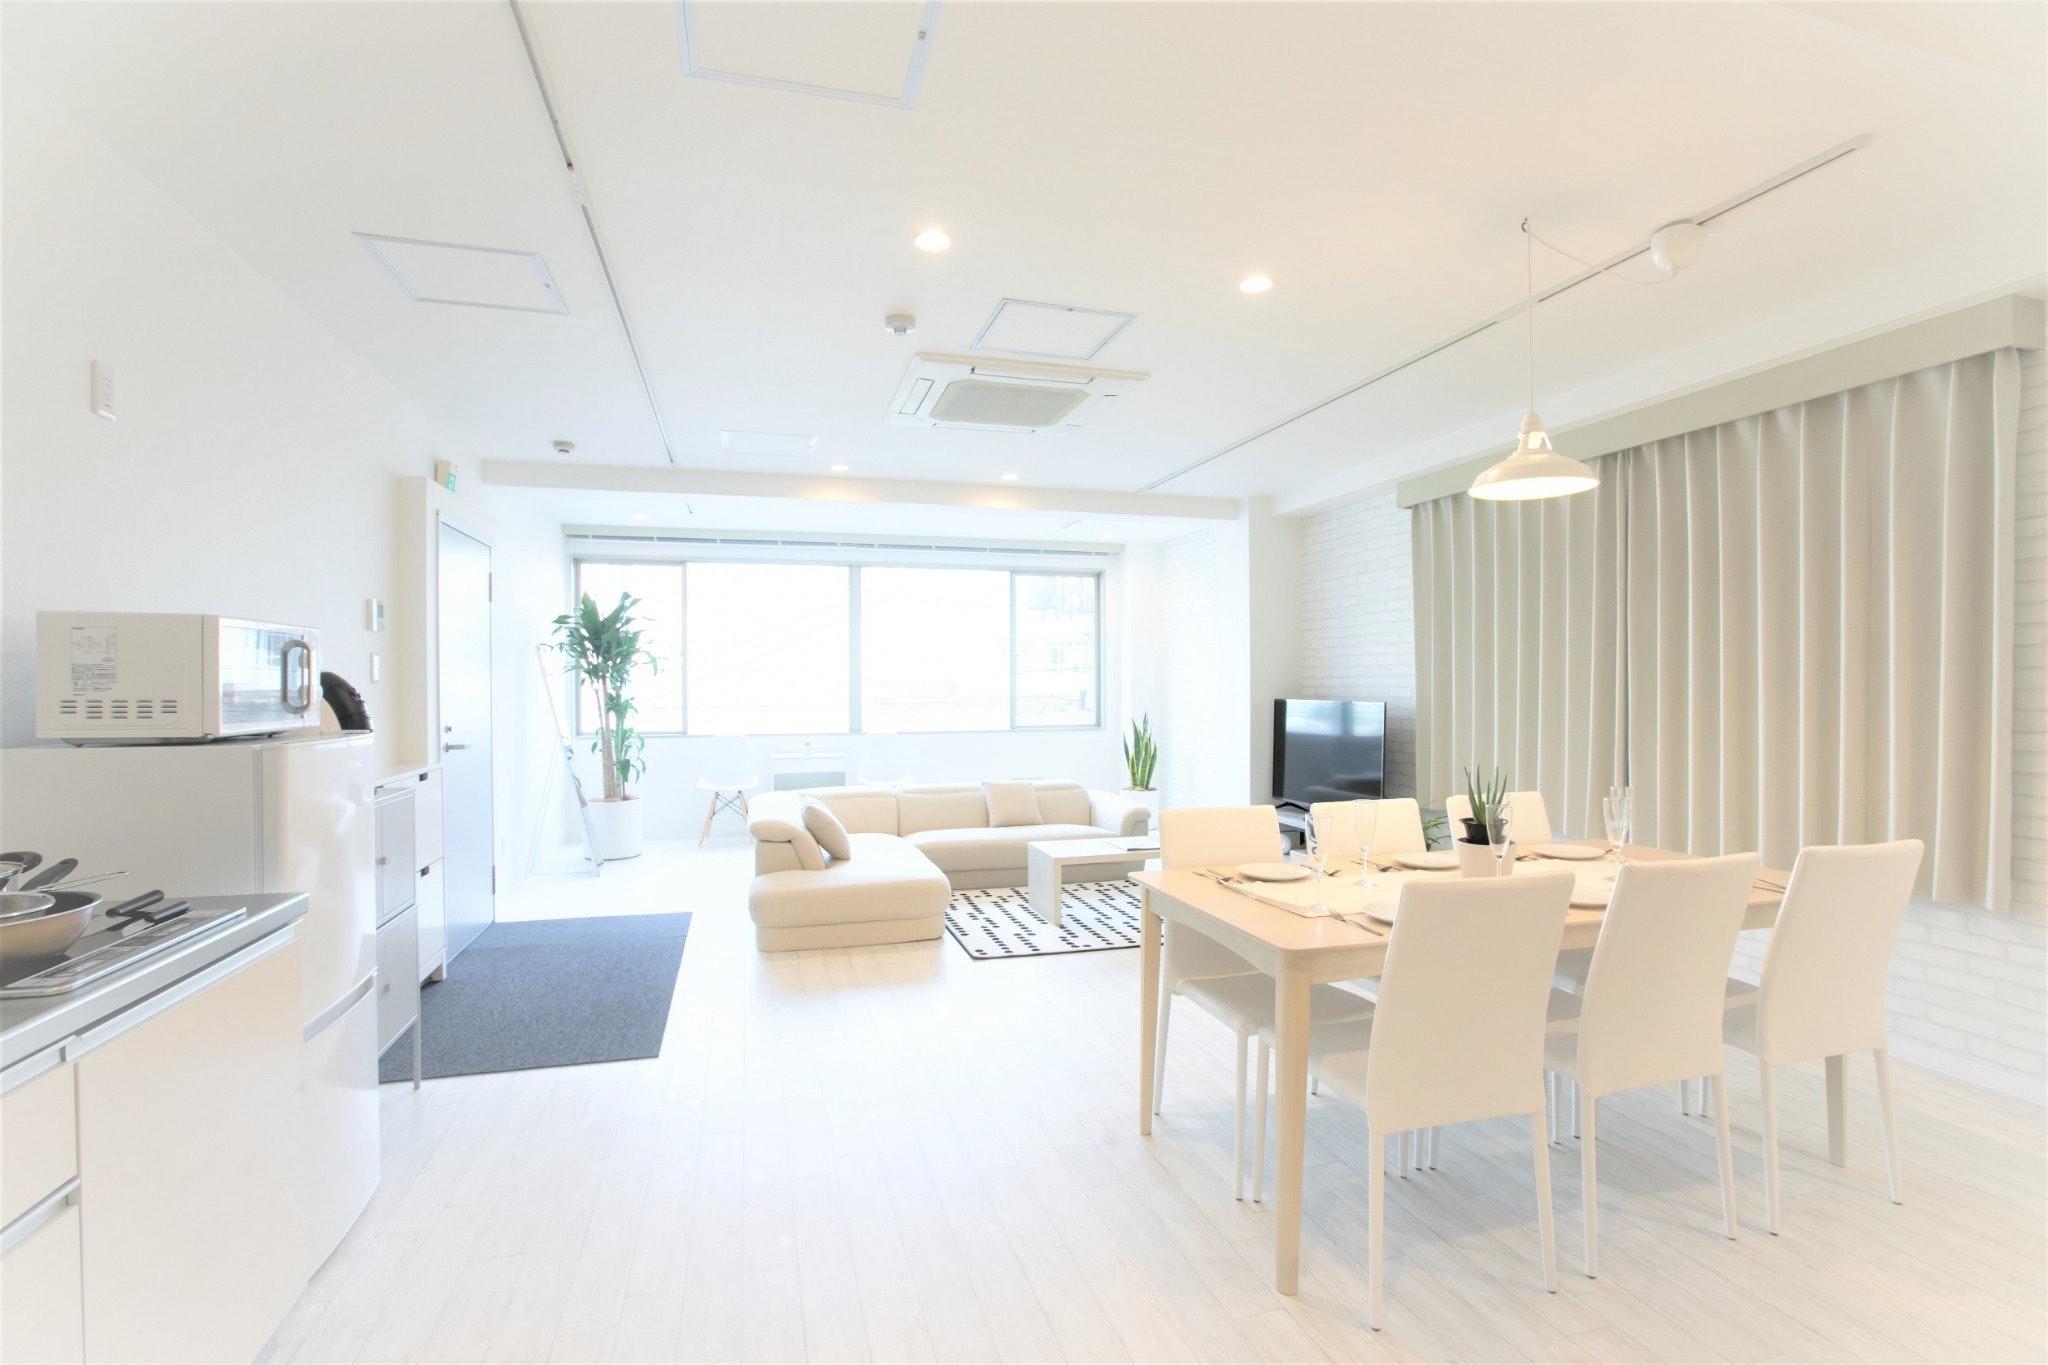 大阪最大級!120平米のプライベートルーム「301」